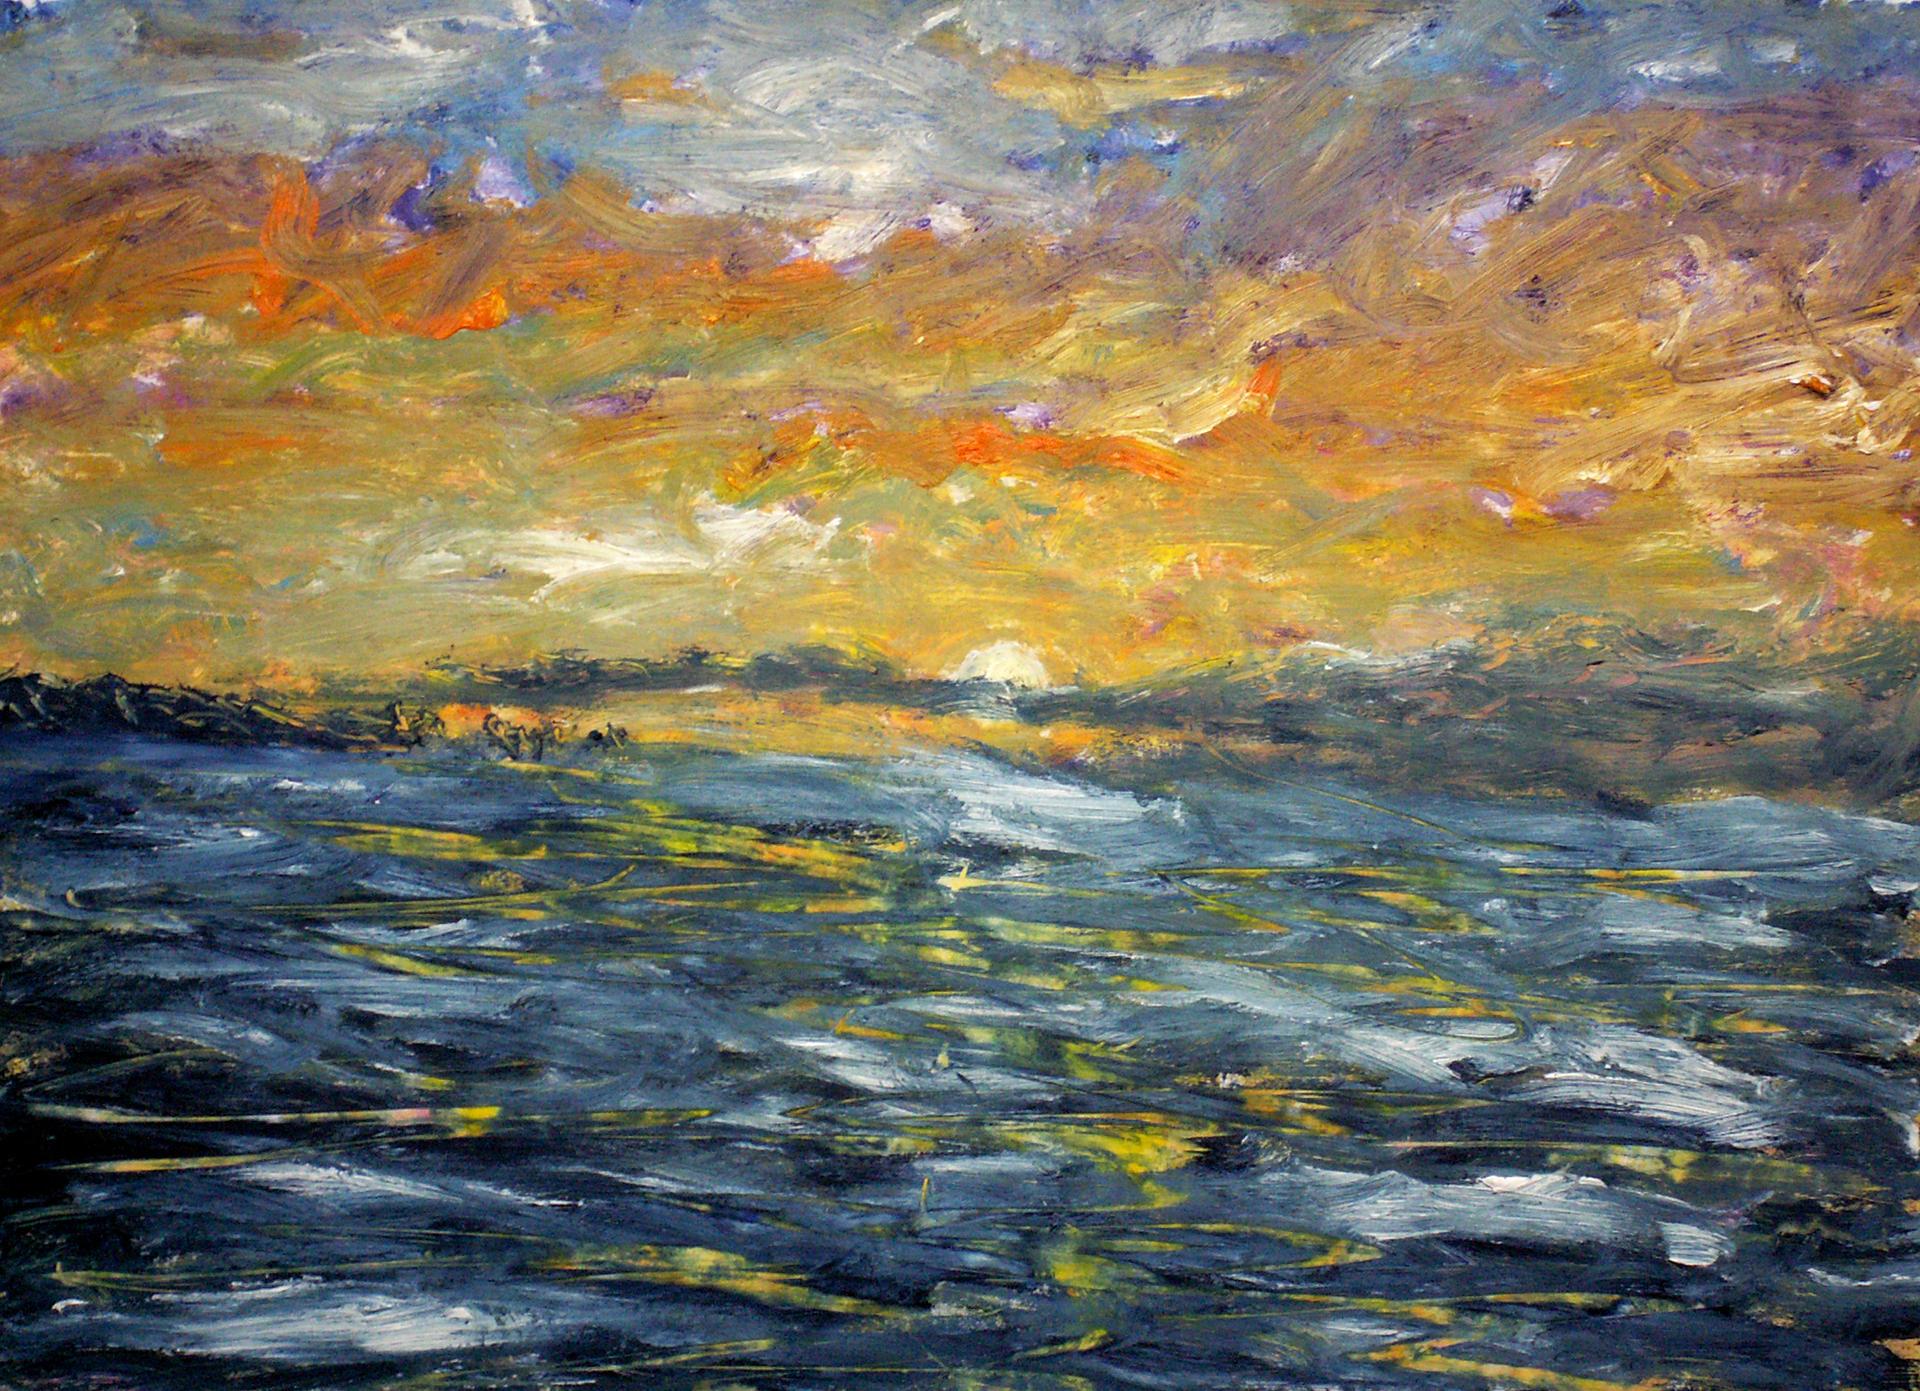 Ocean Light by IvanRadev